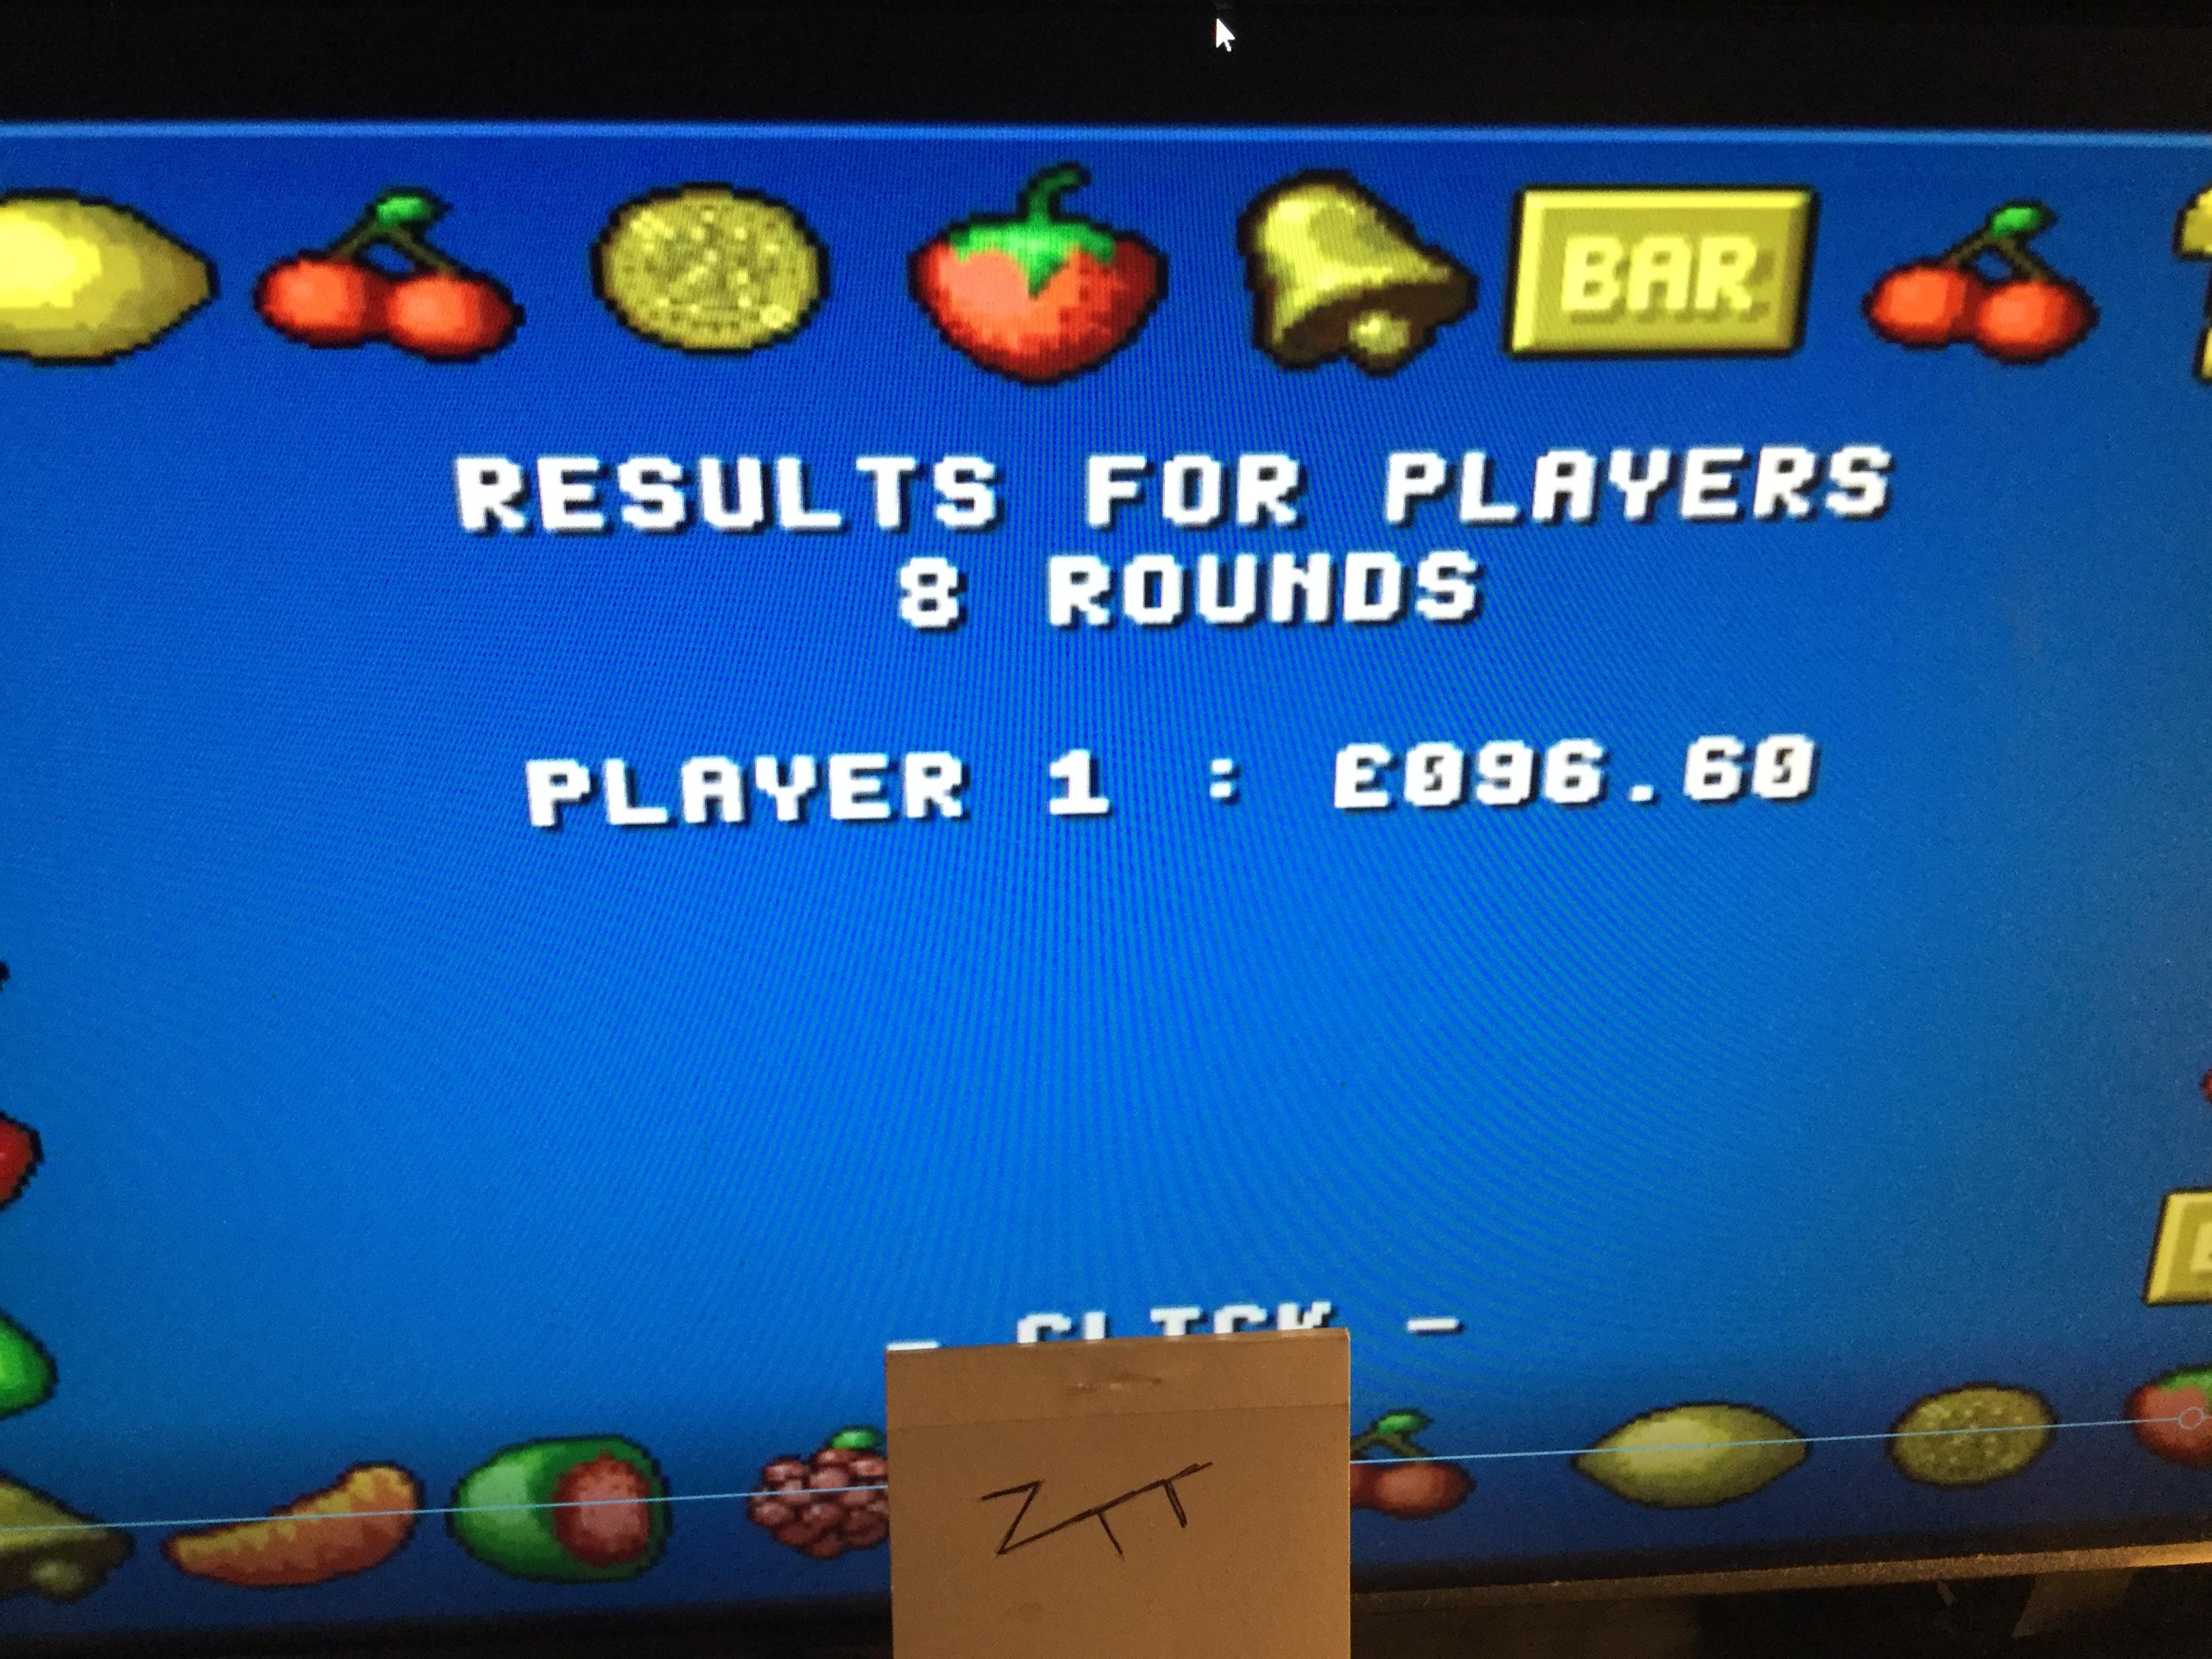 Frankie: Fruit-Mania [8 Rounds] [Money * 100] (Amiga Emulated) 9,660 points on 2017-10-15 14:02:20